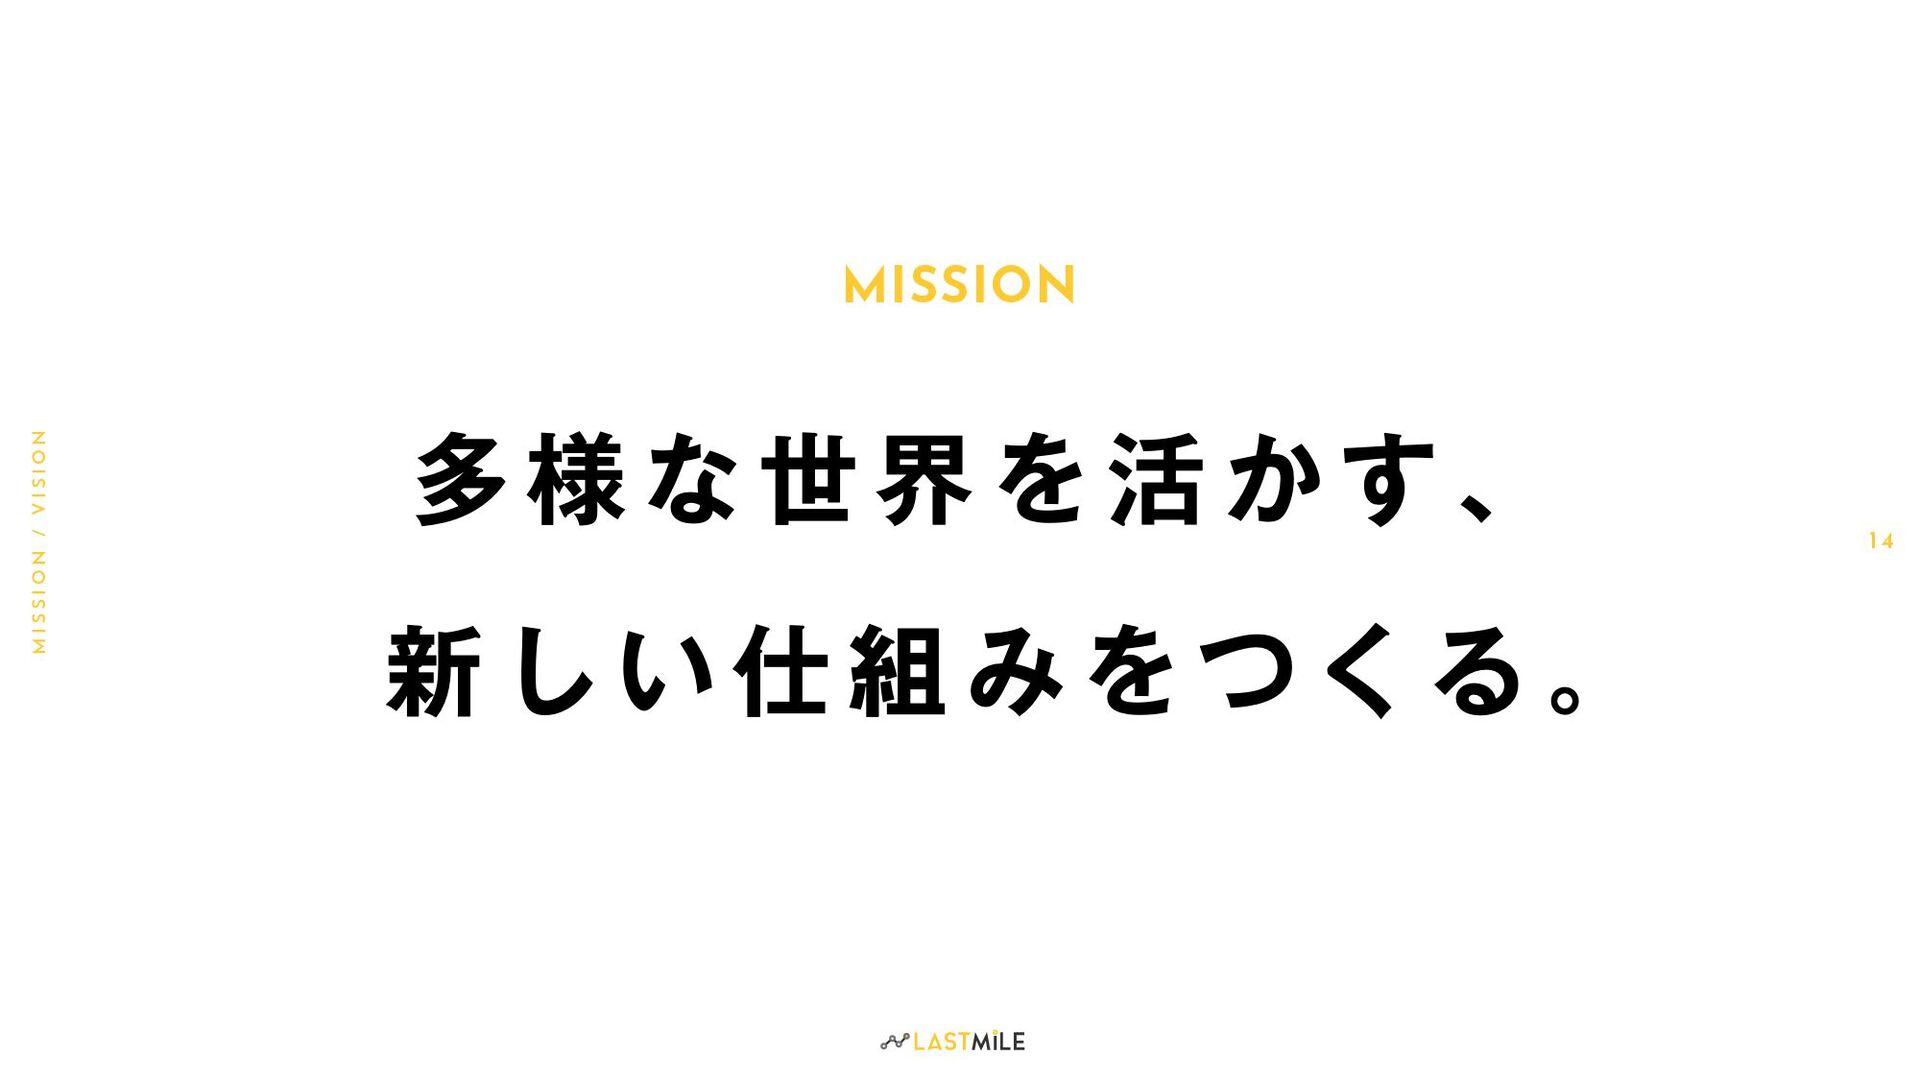 MISSION M I S S I O N / V I S I O N 1 4